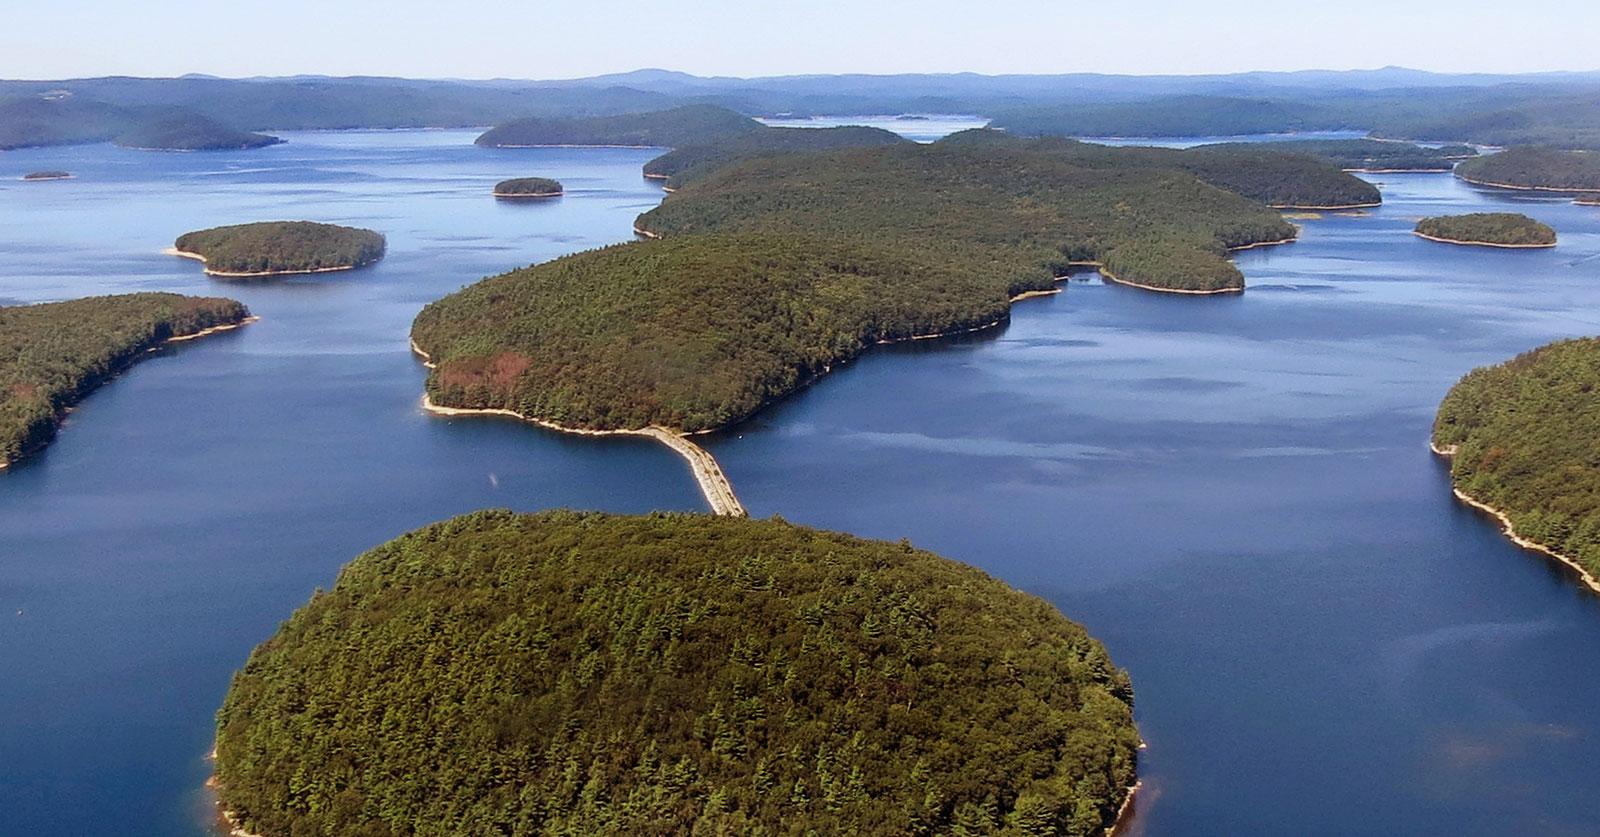 Mount Zion Island, at rear, at the Quabbin Reservoir, Petersham, Massachusetts, September 6, 2013